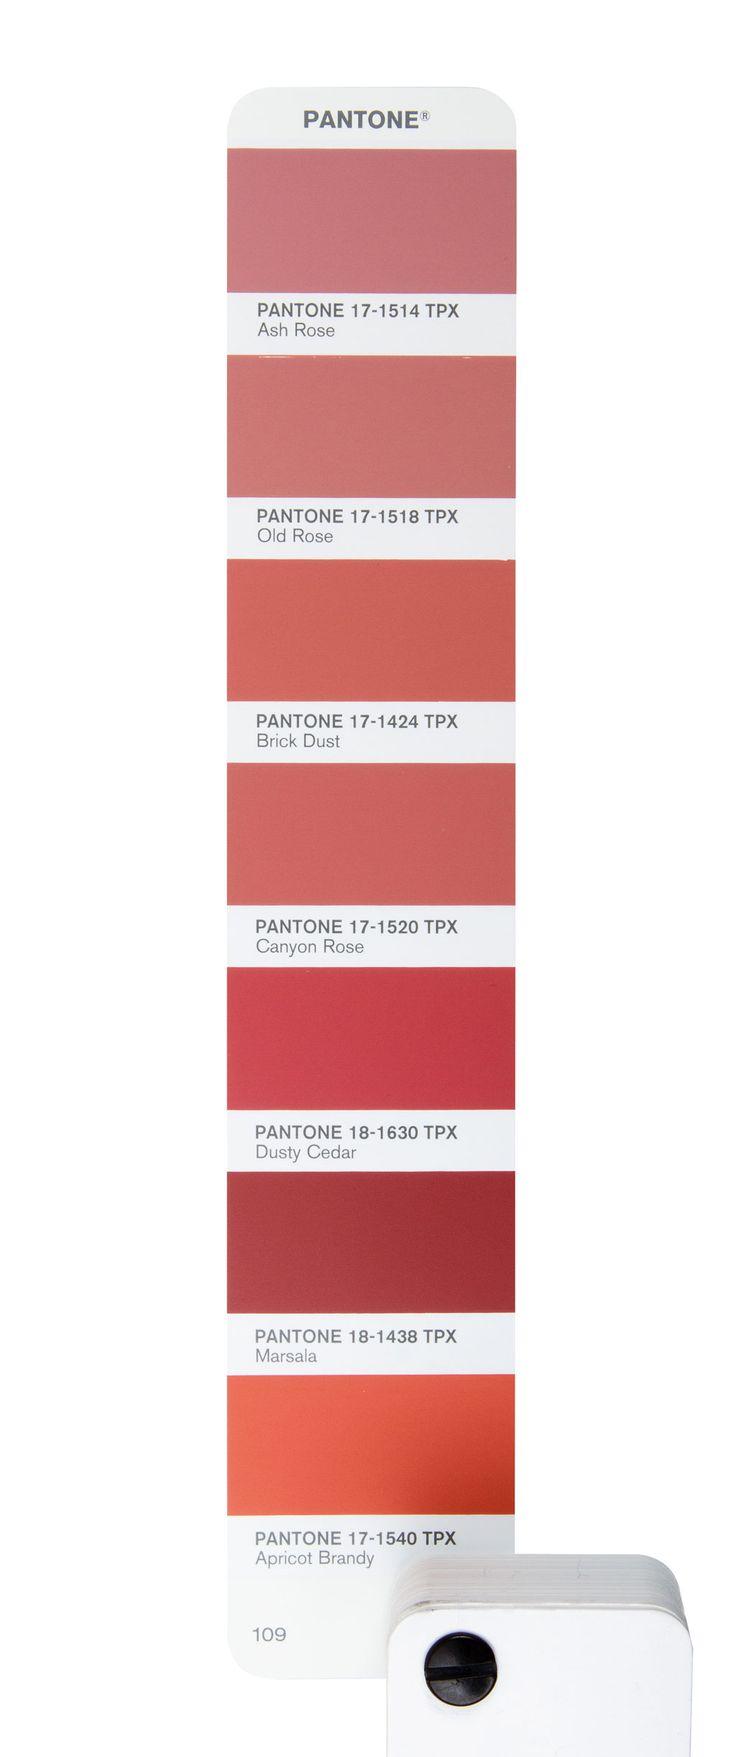 COY-2015---18-1438-Marsala-Color-Guide-p109-silo'ed